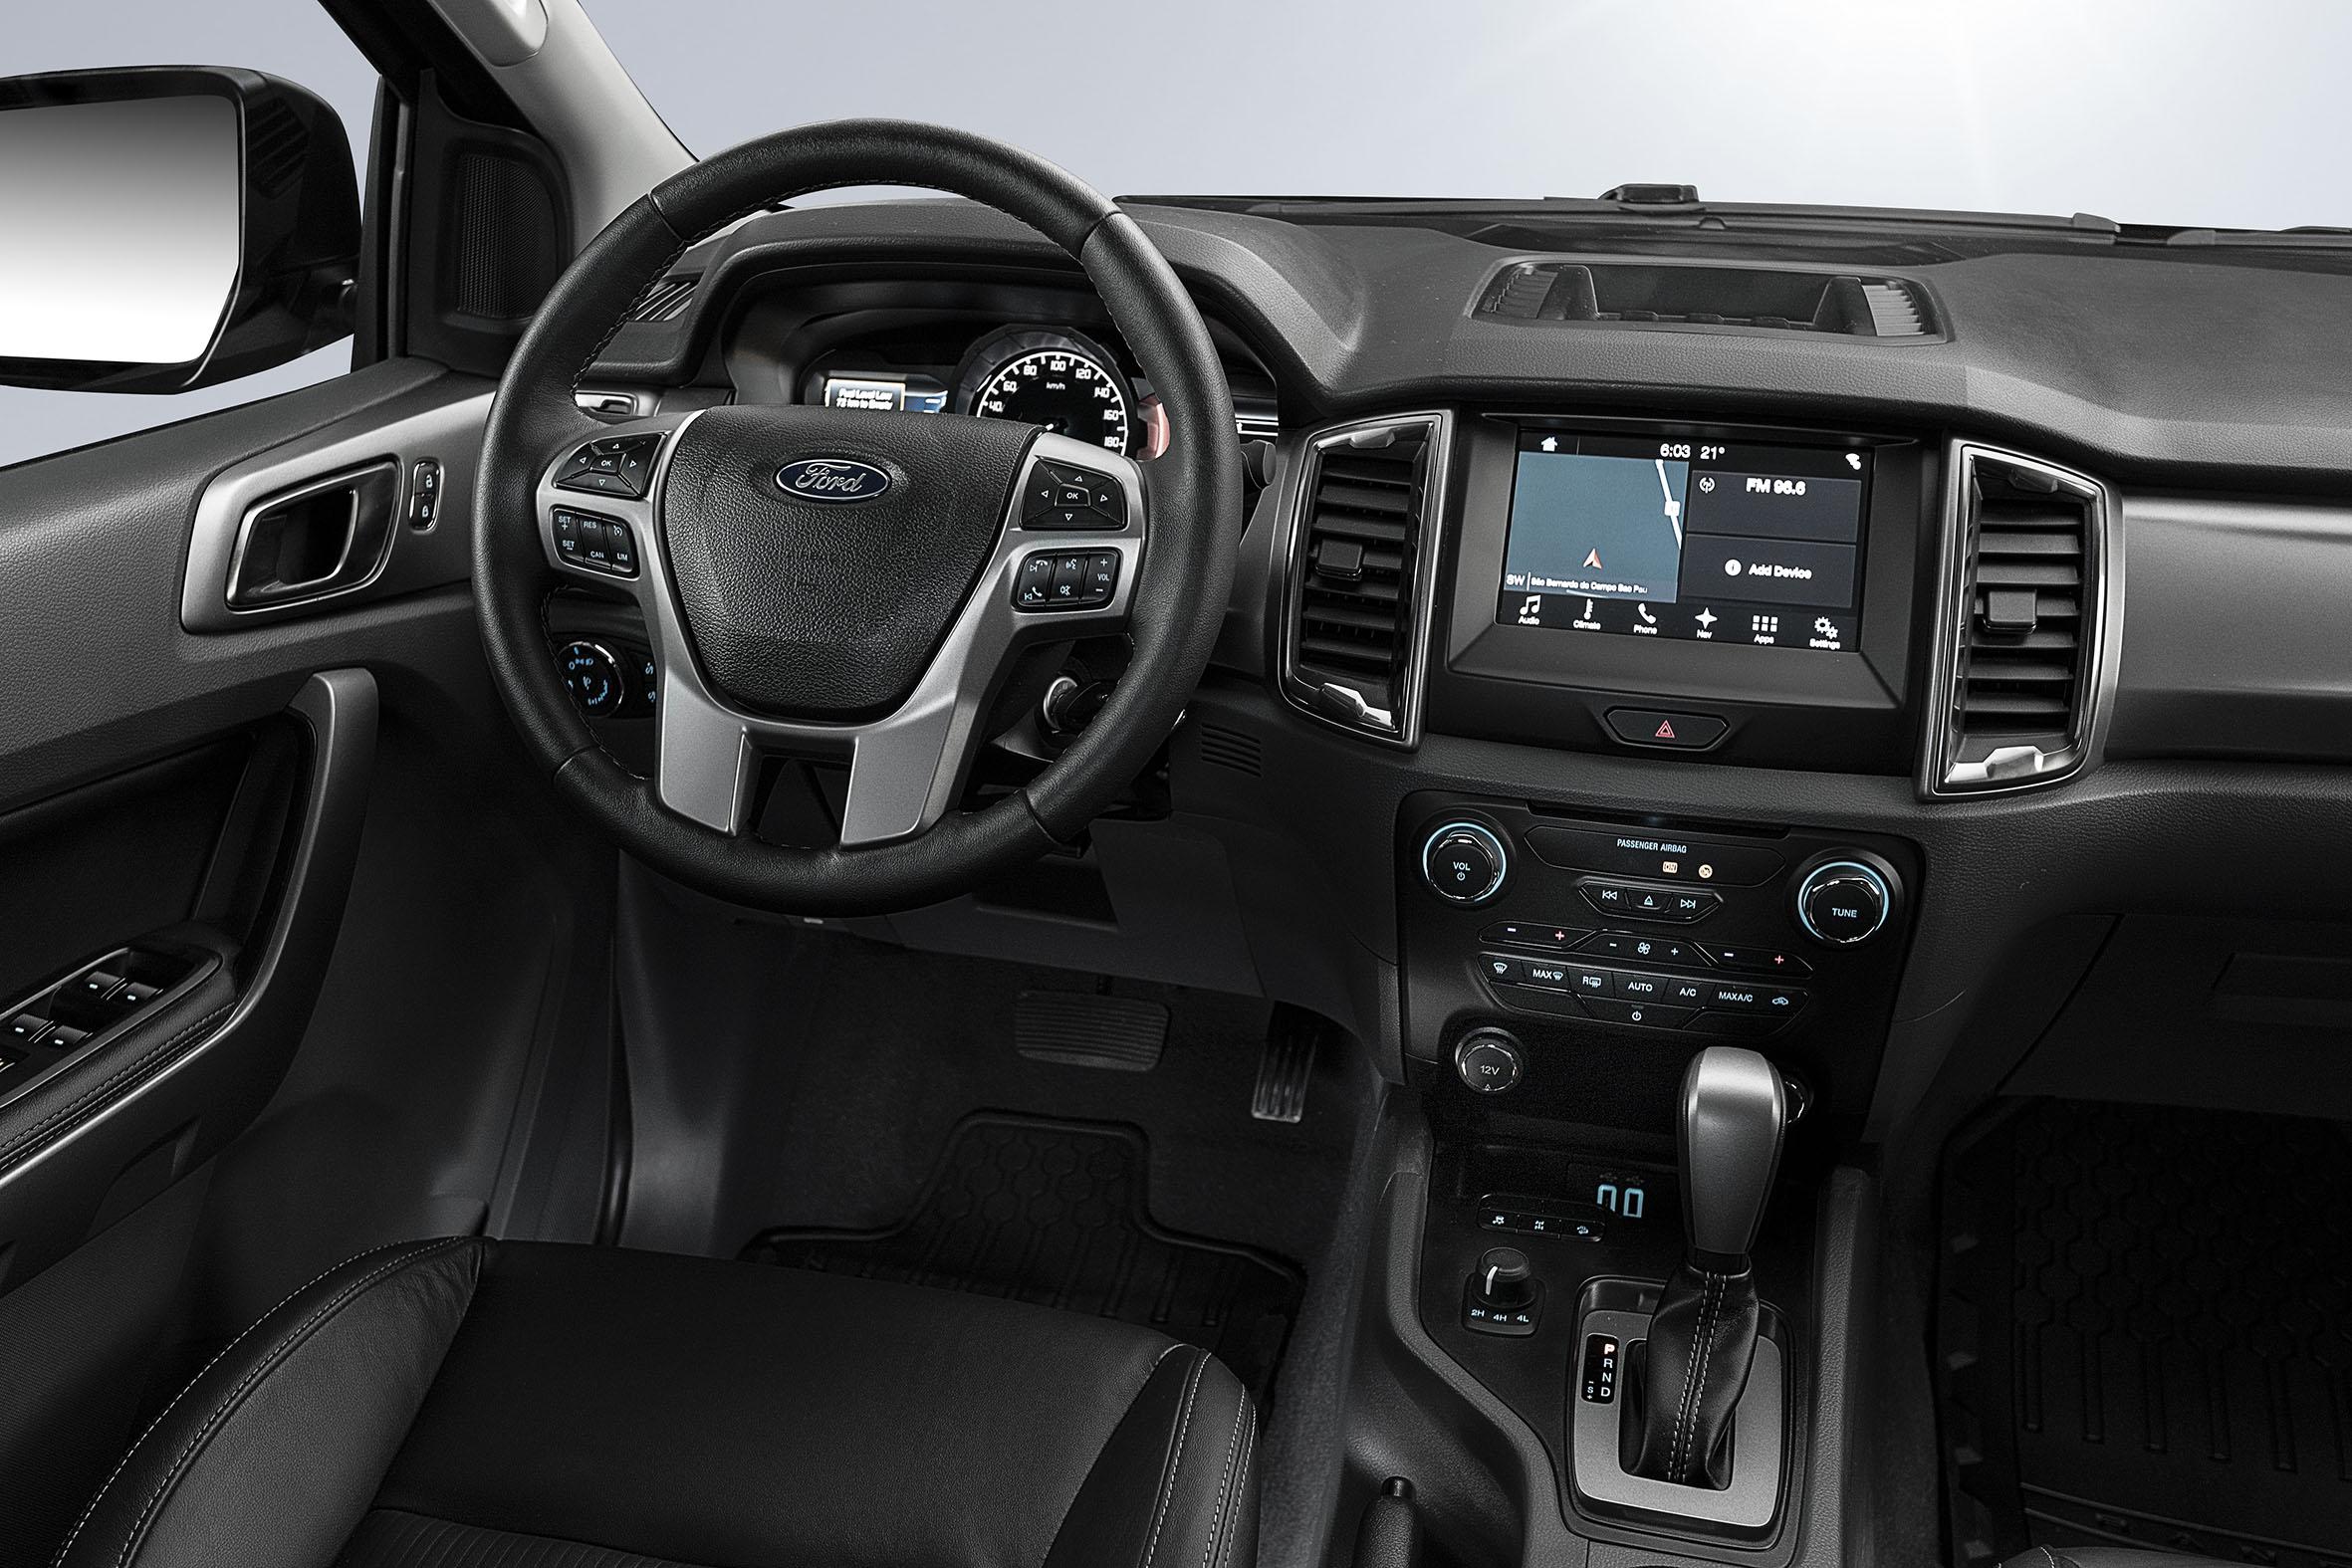 Uma edição especial da Ford Ranger será apresentada no Salão do Automóvel de São Paulo. A Black Edition oferece motor 3.2 de 200 cv e acabamentos especiais.